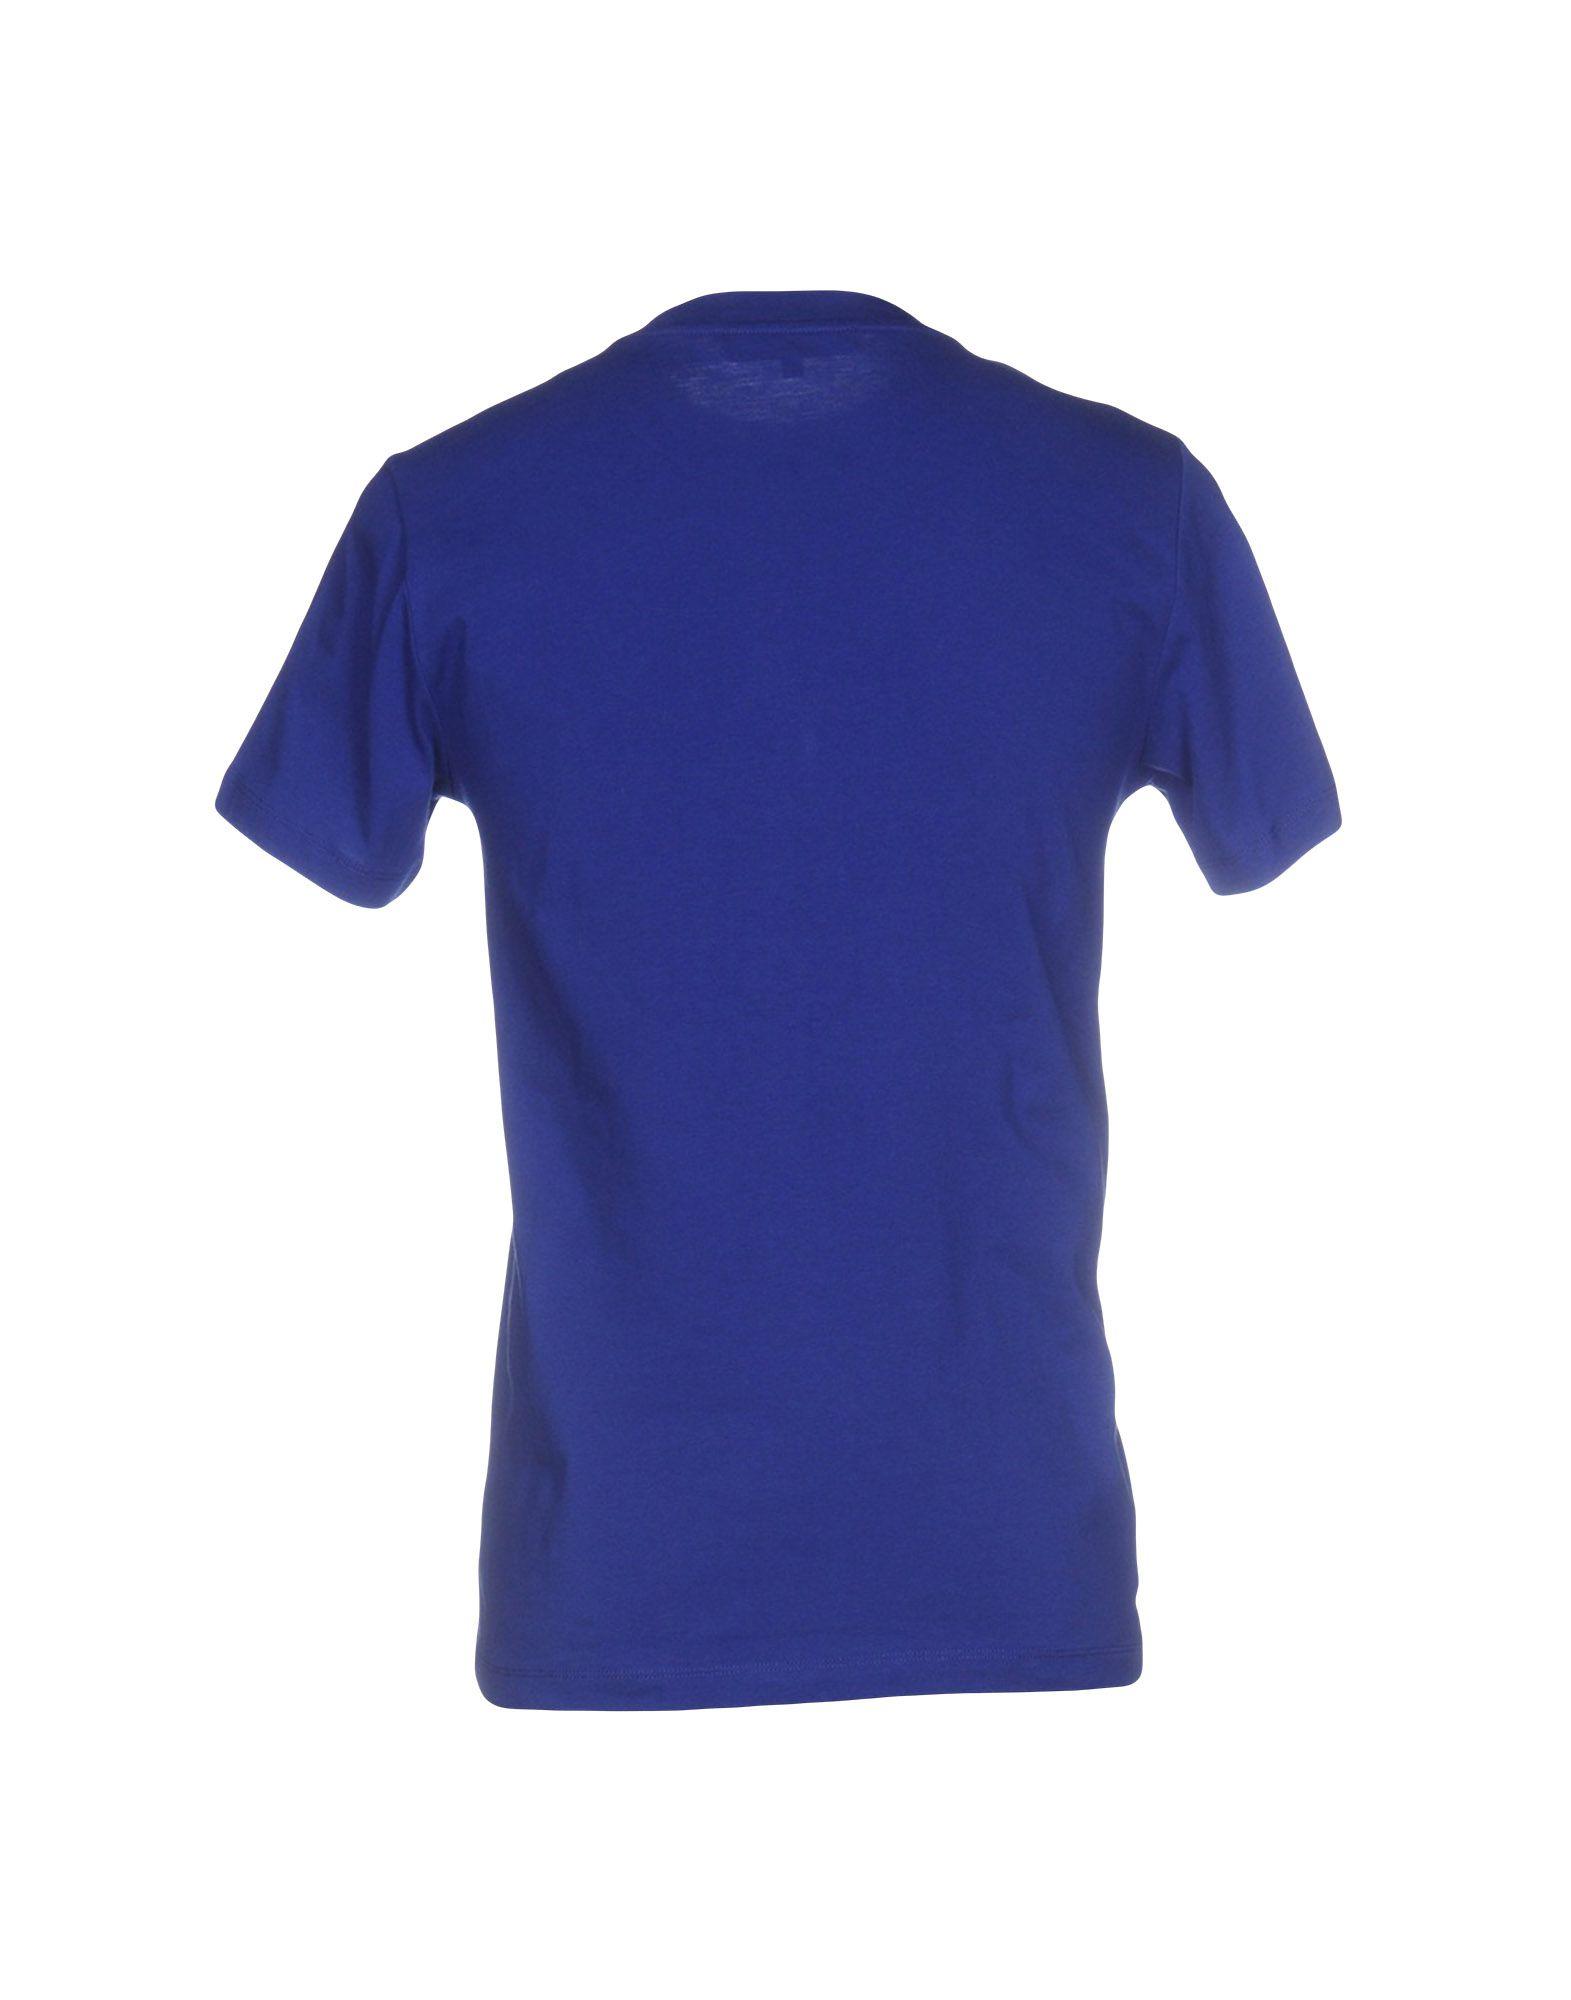 T-Shirt Mcq Alexander Mcqueen Uomo - 12026164NP 12026164NP 12026164NP 7d87c7